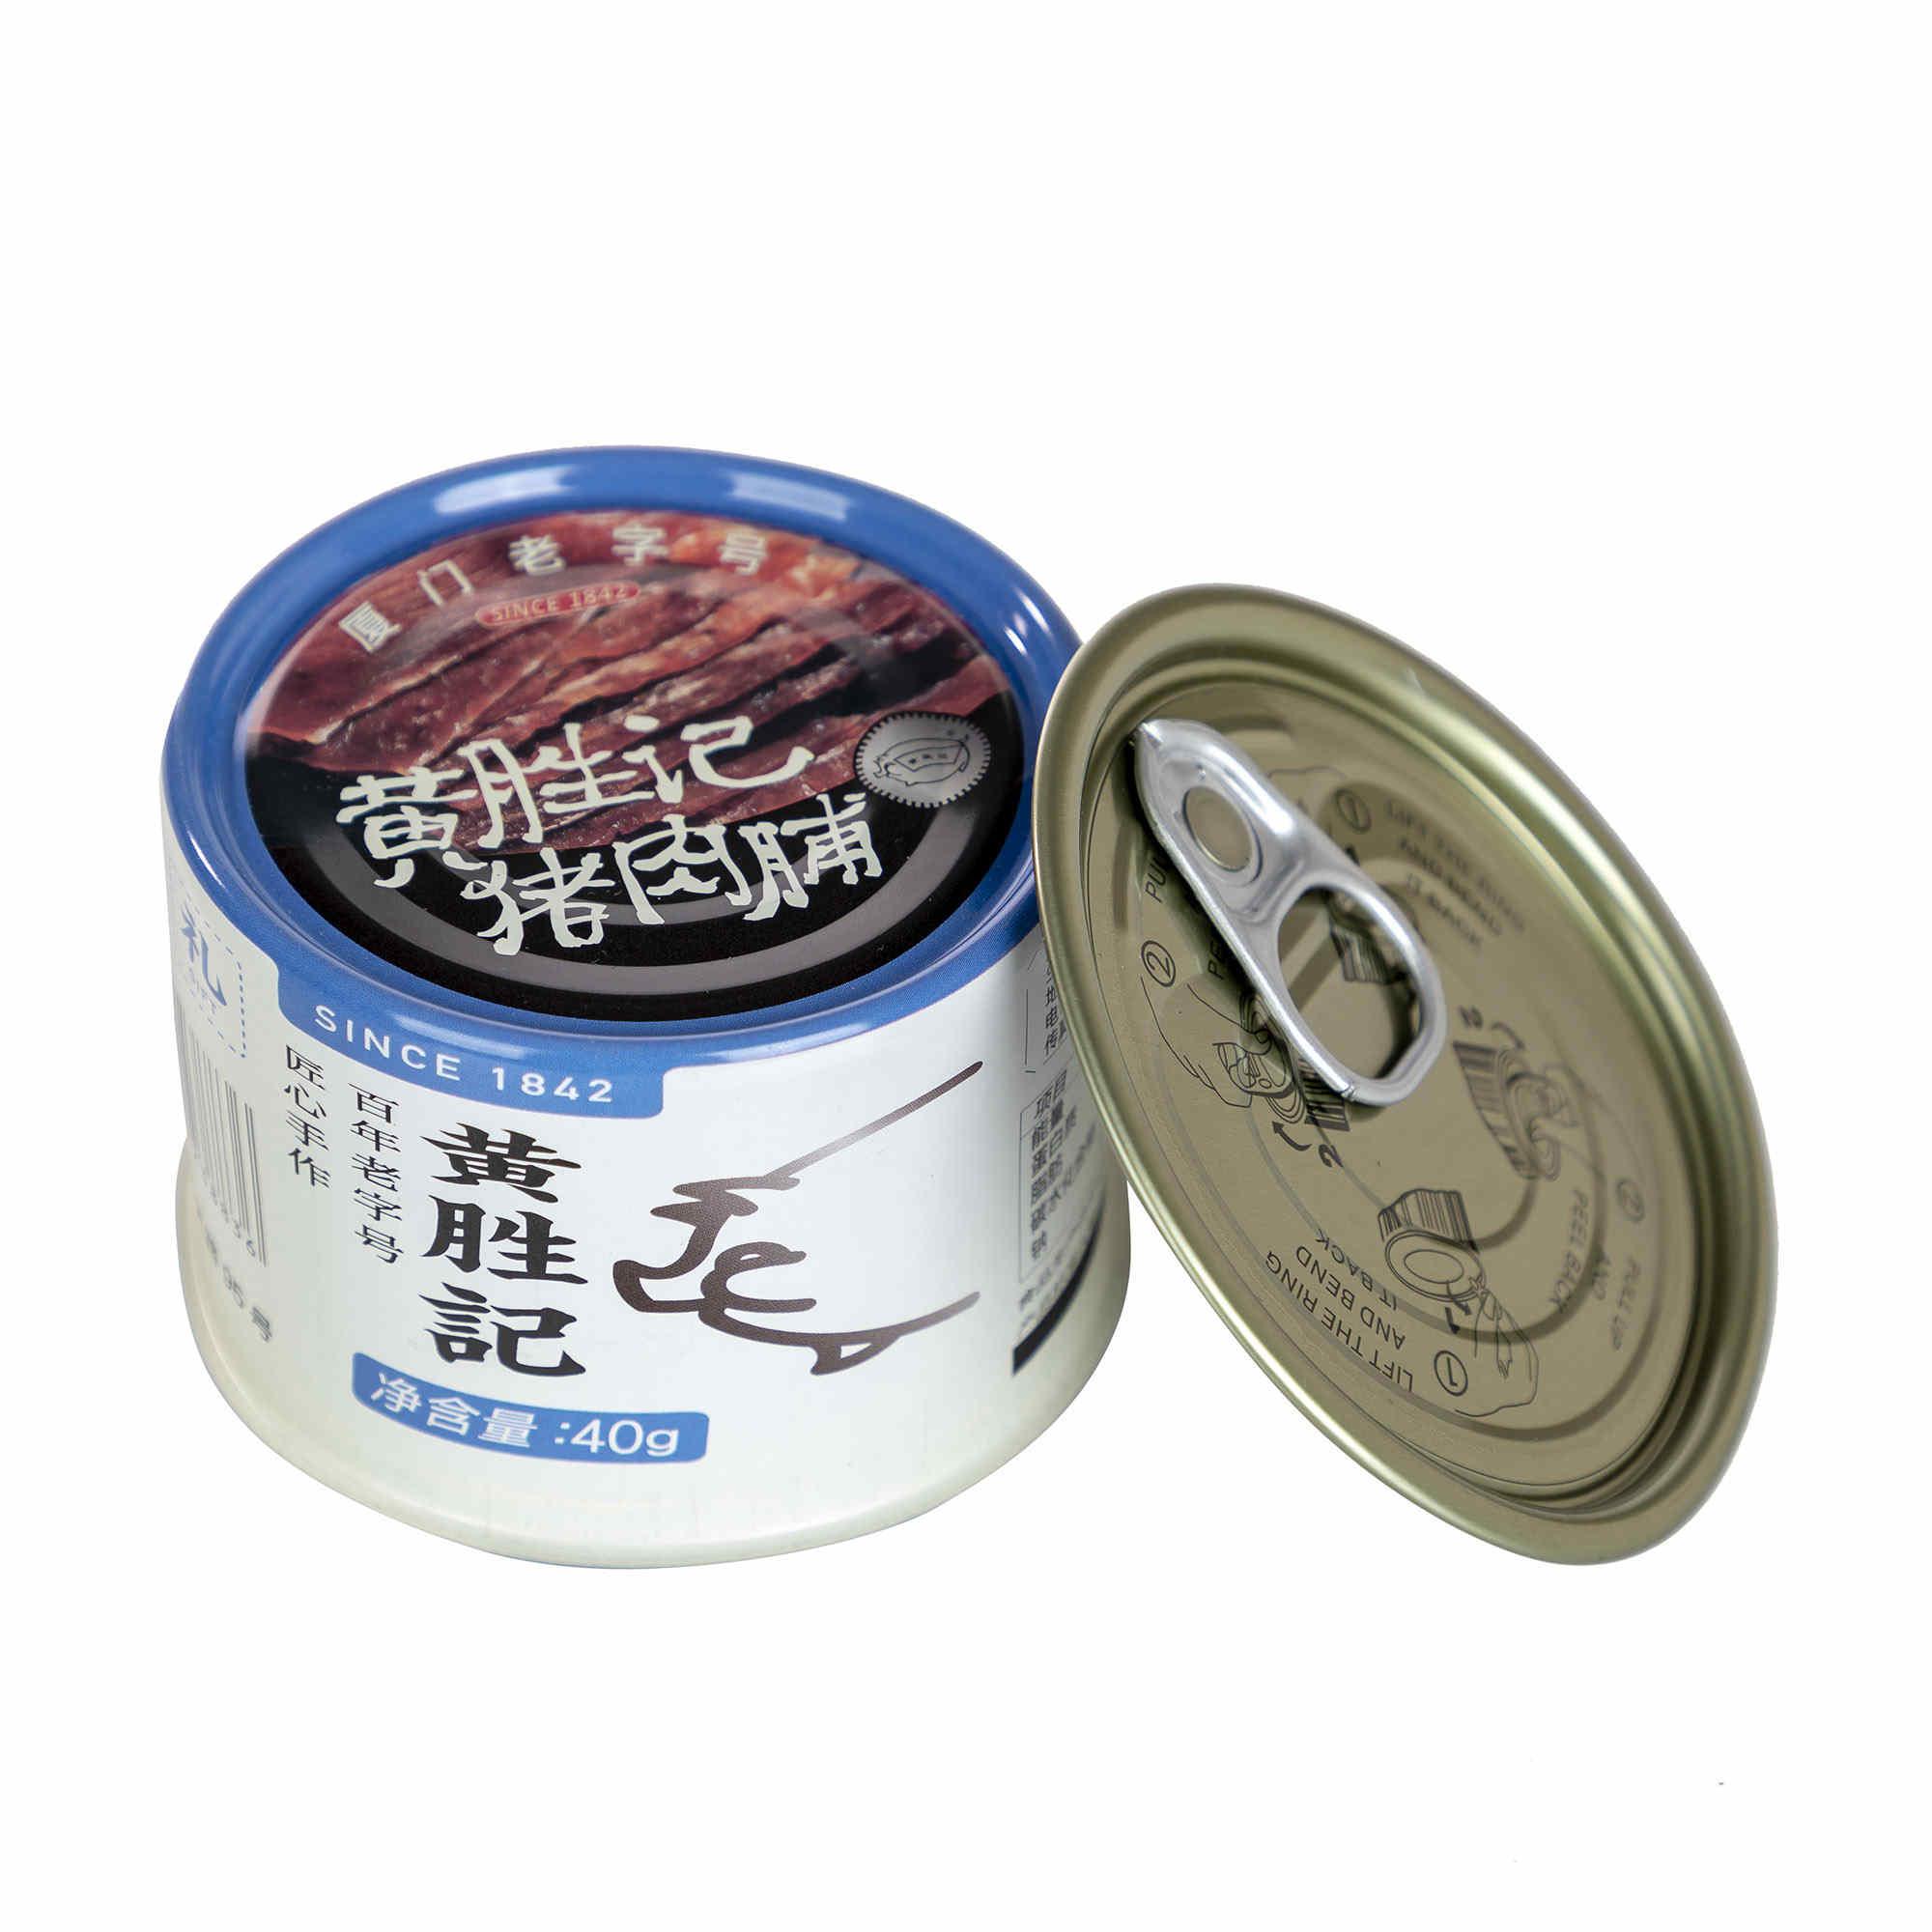 宜昌馬口鐵空罐-漳州市名聲好的馬口鐵空罐供應商推薦